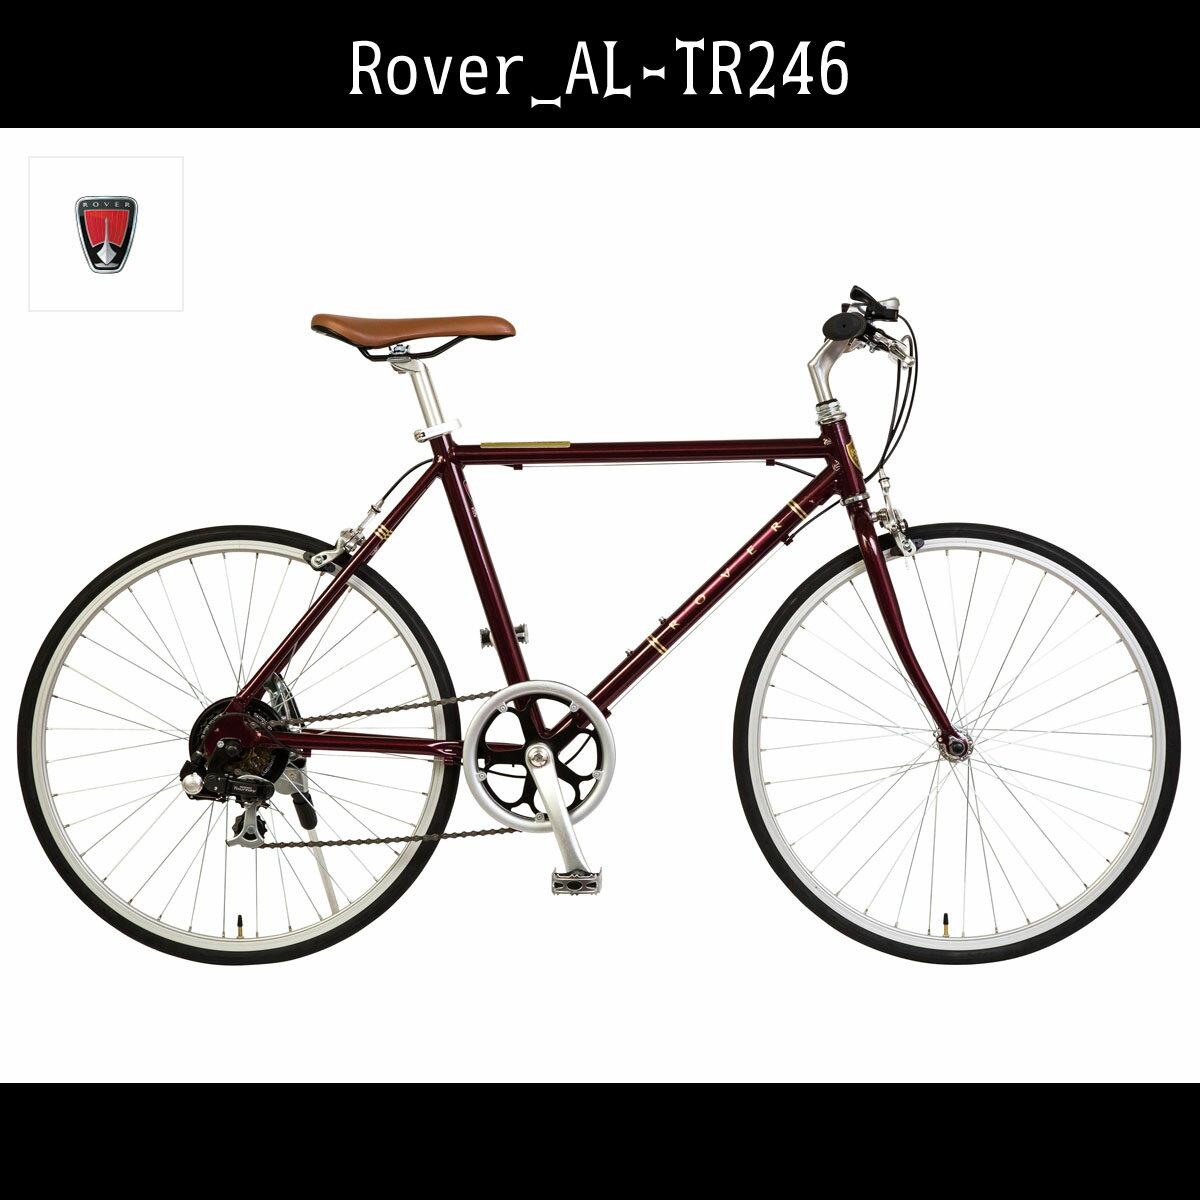 送付先関東限定 【送料無料 ロードバイク Rover ローバー 自転車 グリーン/緑】【24インチ 自転車 外装6段変速ギア 軽量アルミ】ロードバイク ローバー AL-TR246